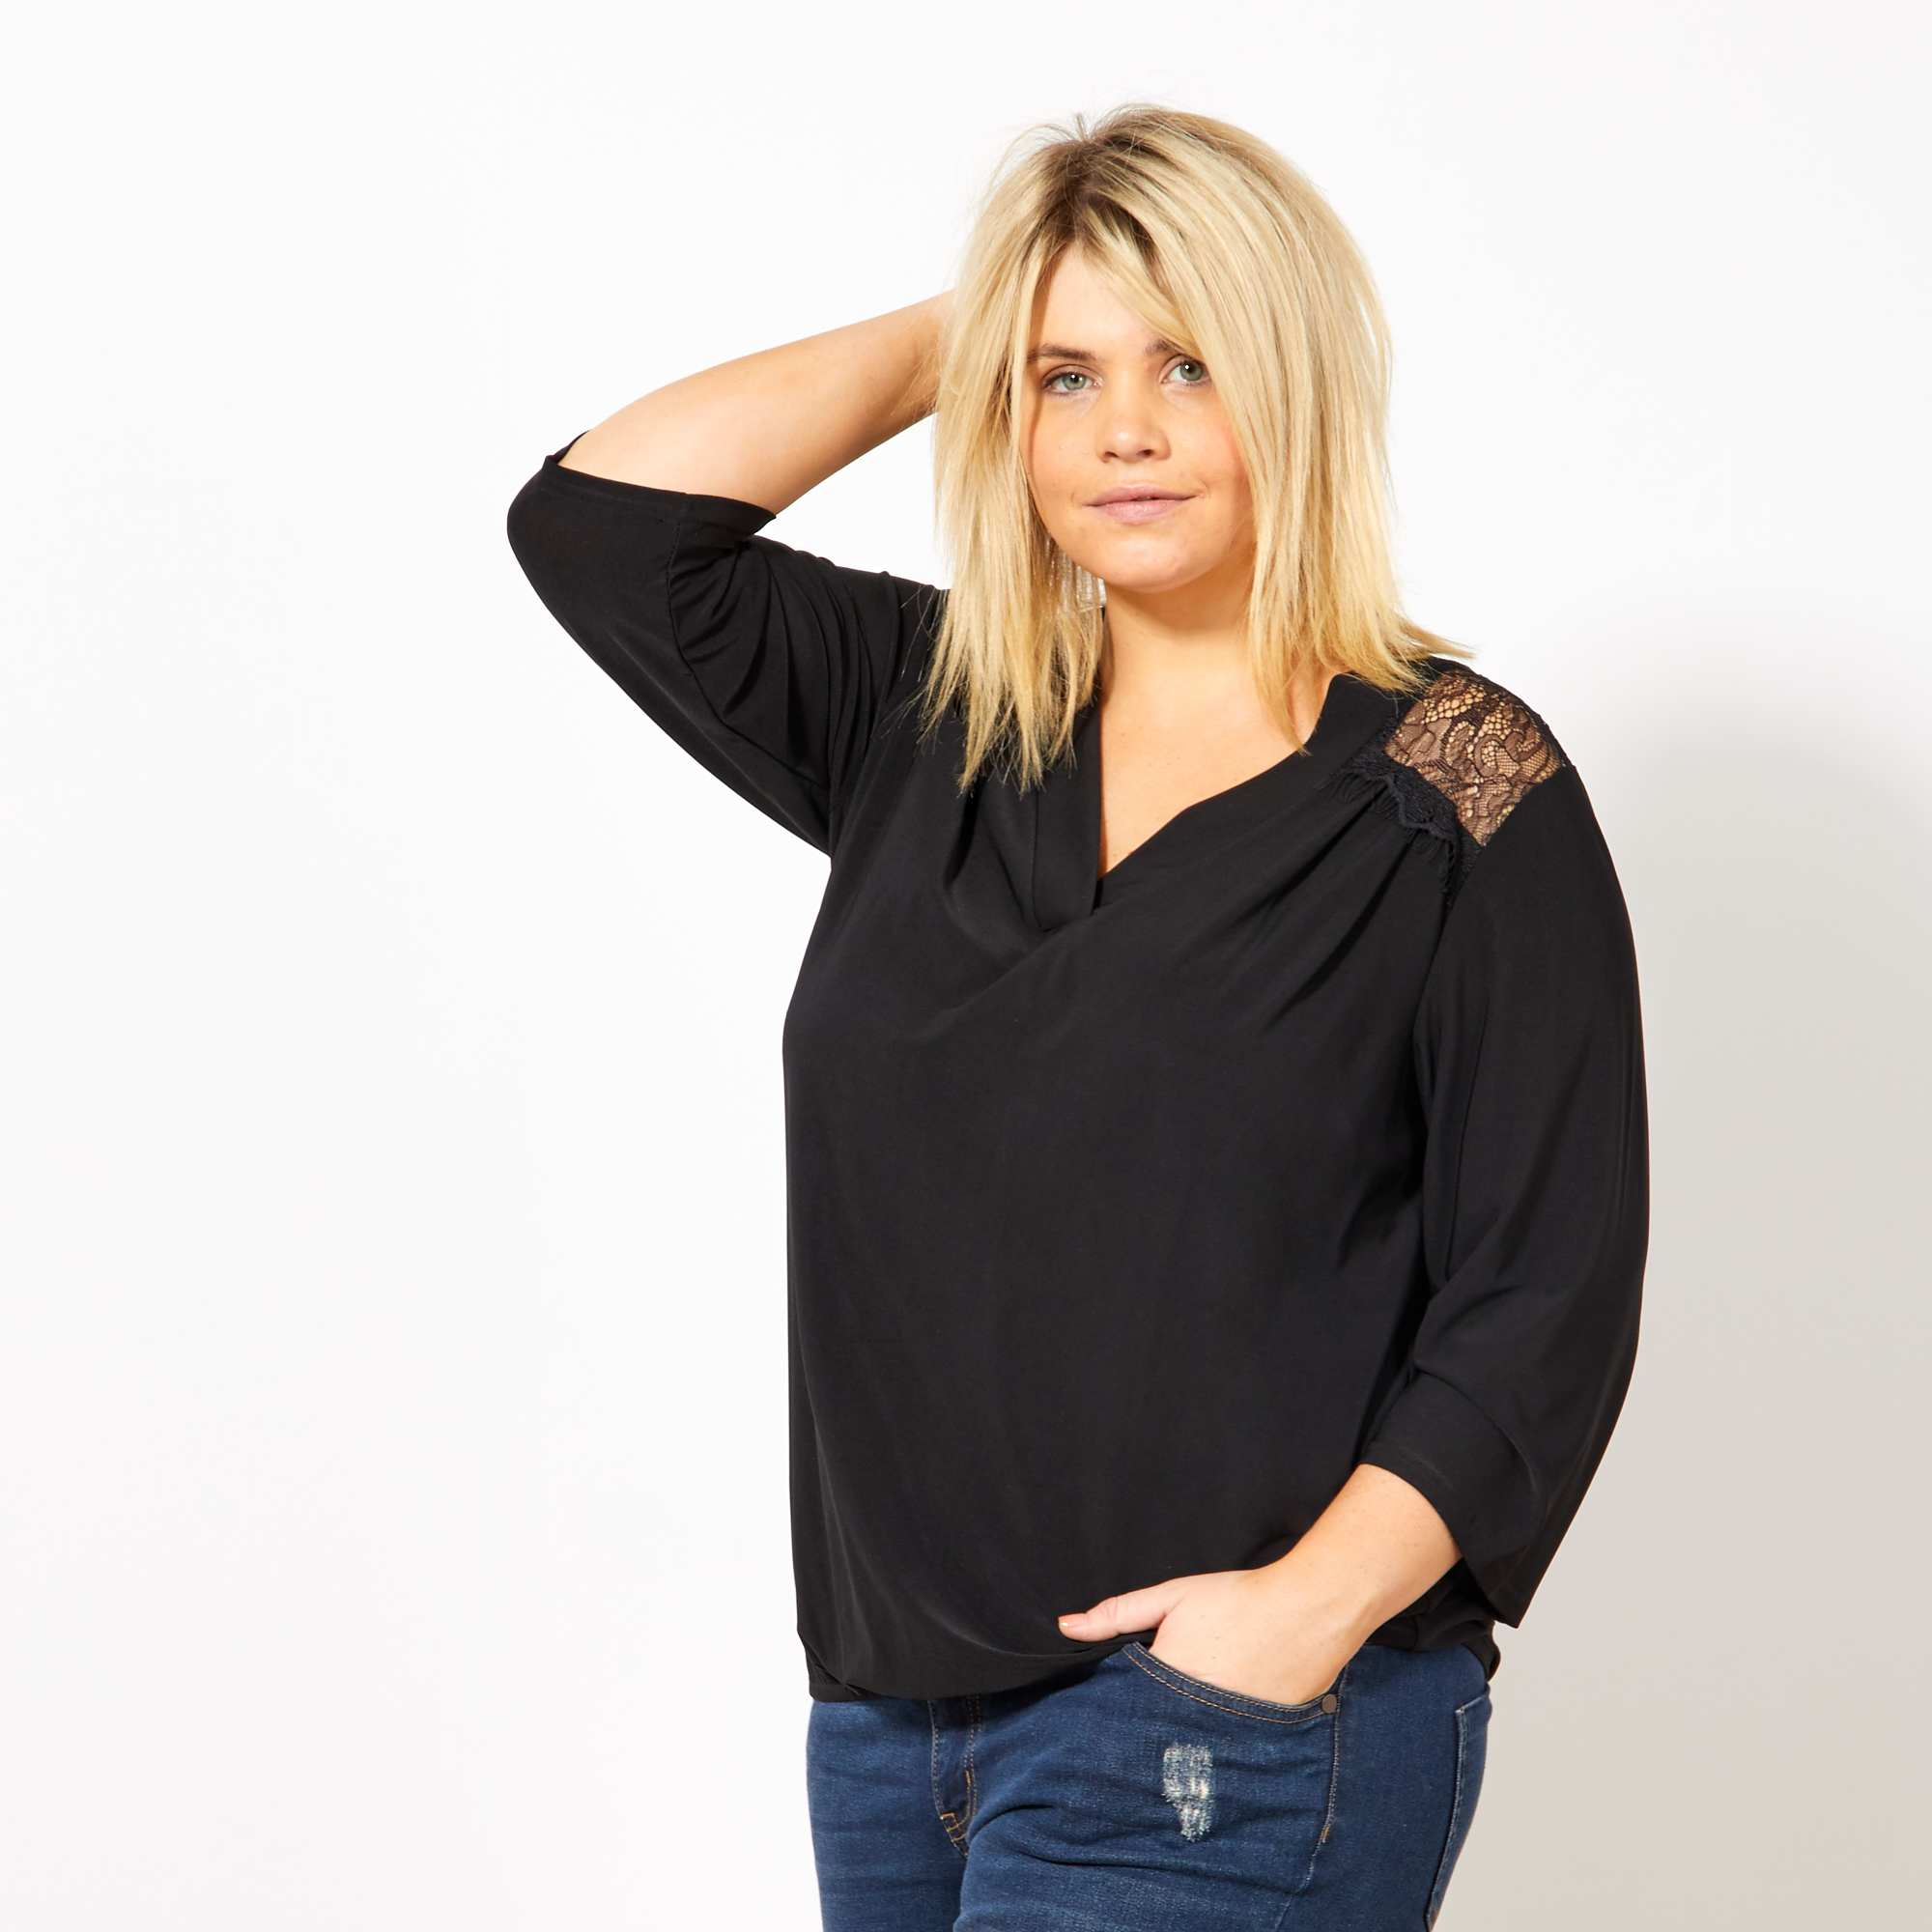 99c78c696ad Camiseta con escote de pico y espalda de encaje negro Tallas grandes mujer.  Loading zoom